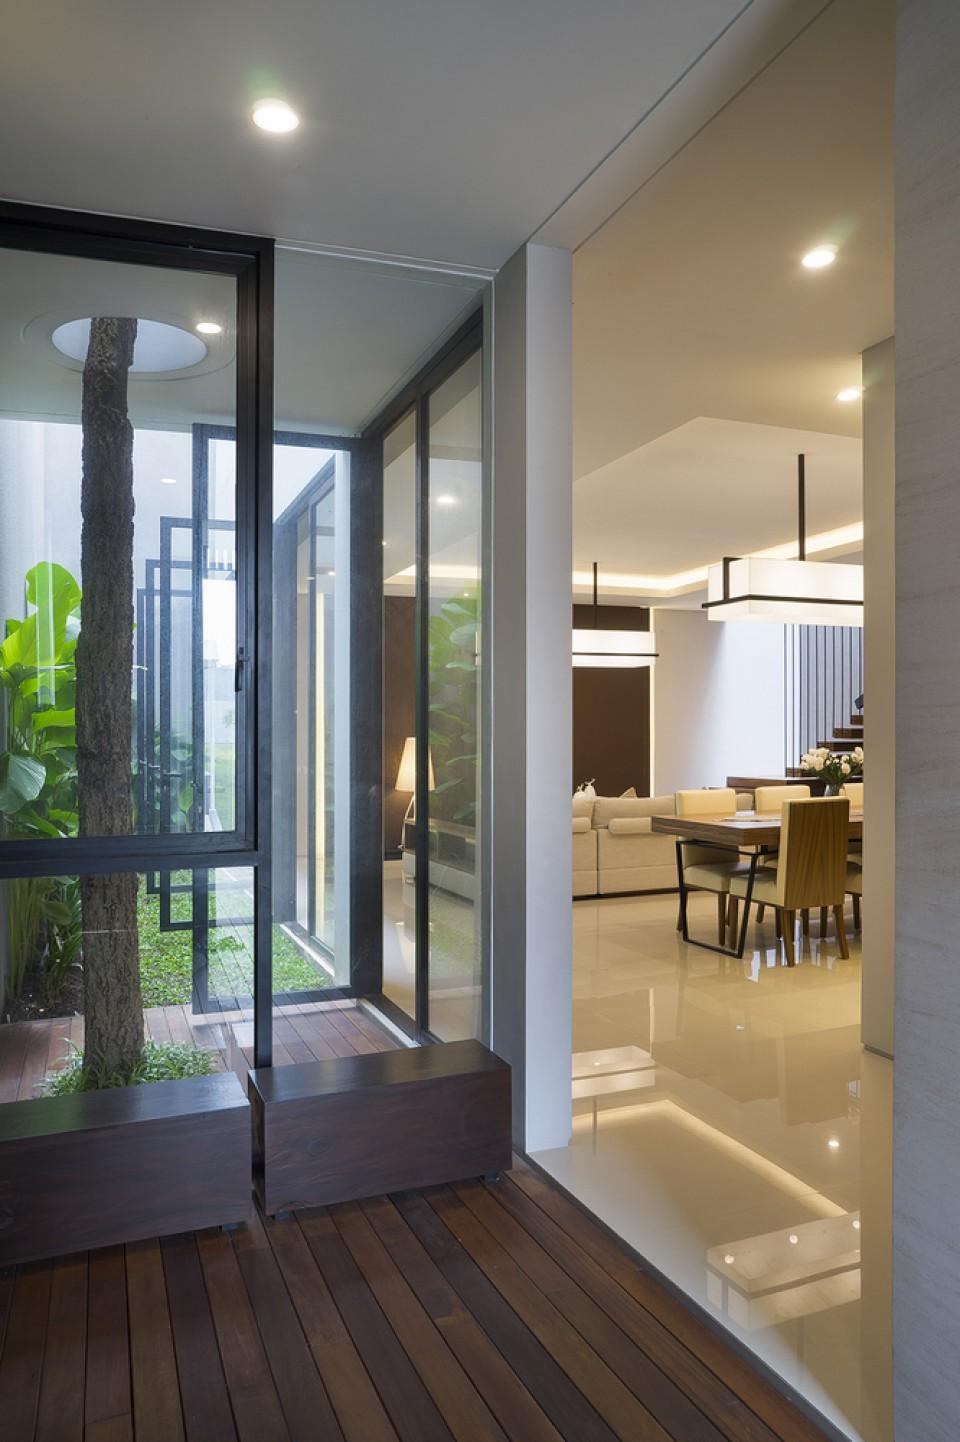 Rumah Yang Diberi Nama S Ini Memiliki Berbagai Makna Sebagai Konsep Untuk Menunjukkan Pengalaman Arsitek Melalui Proses Desain Dan Konstruksi